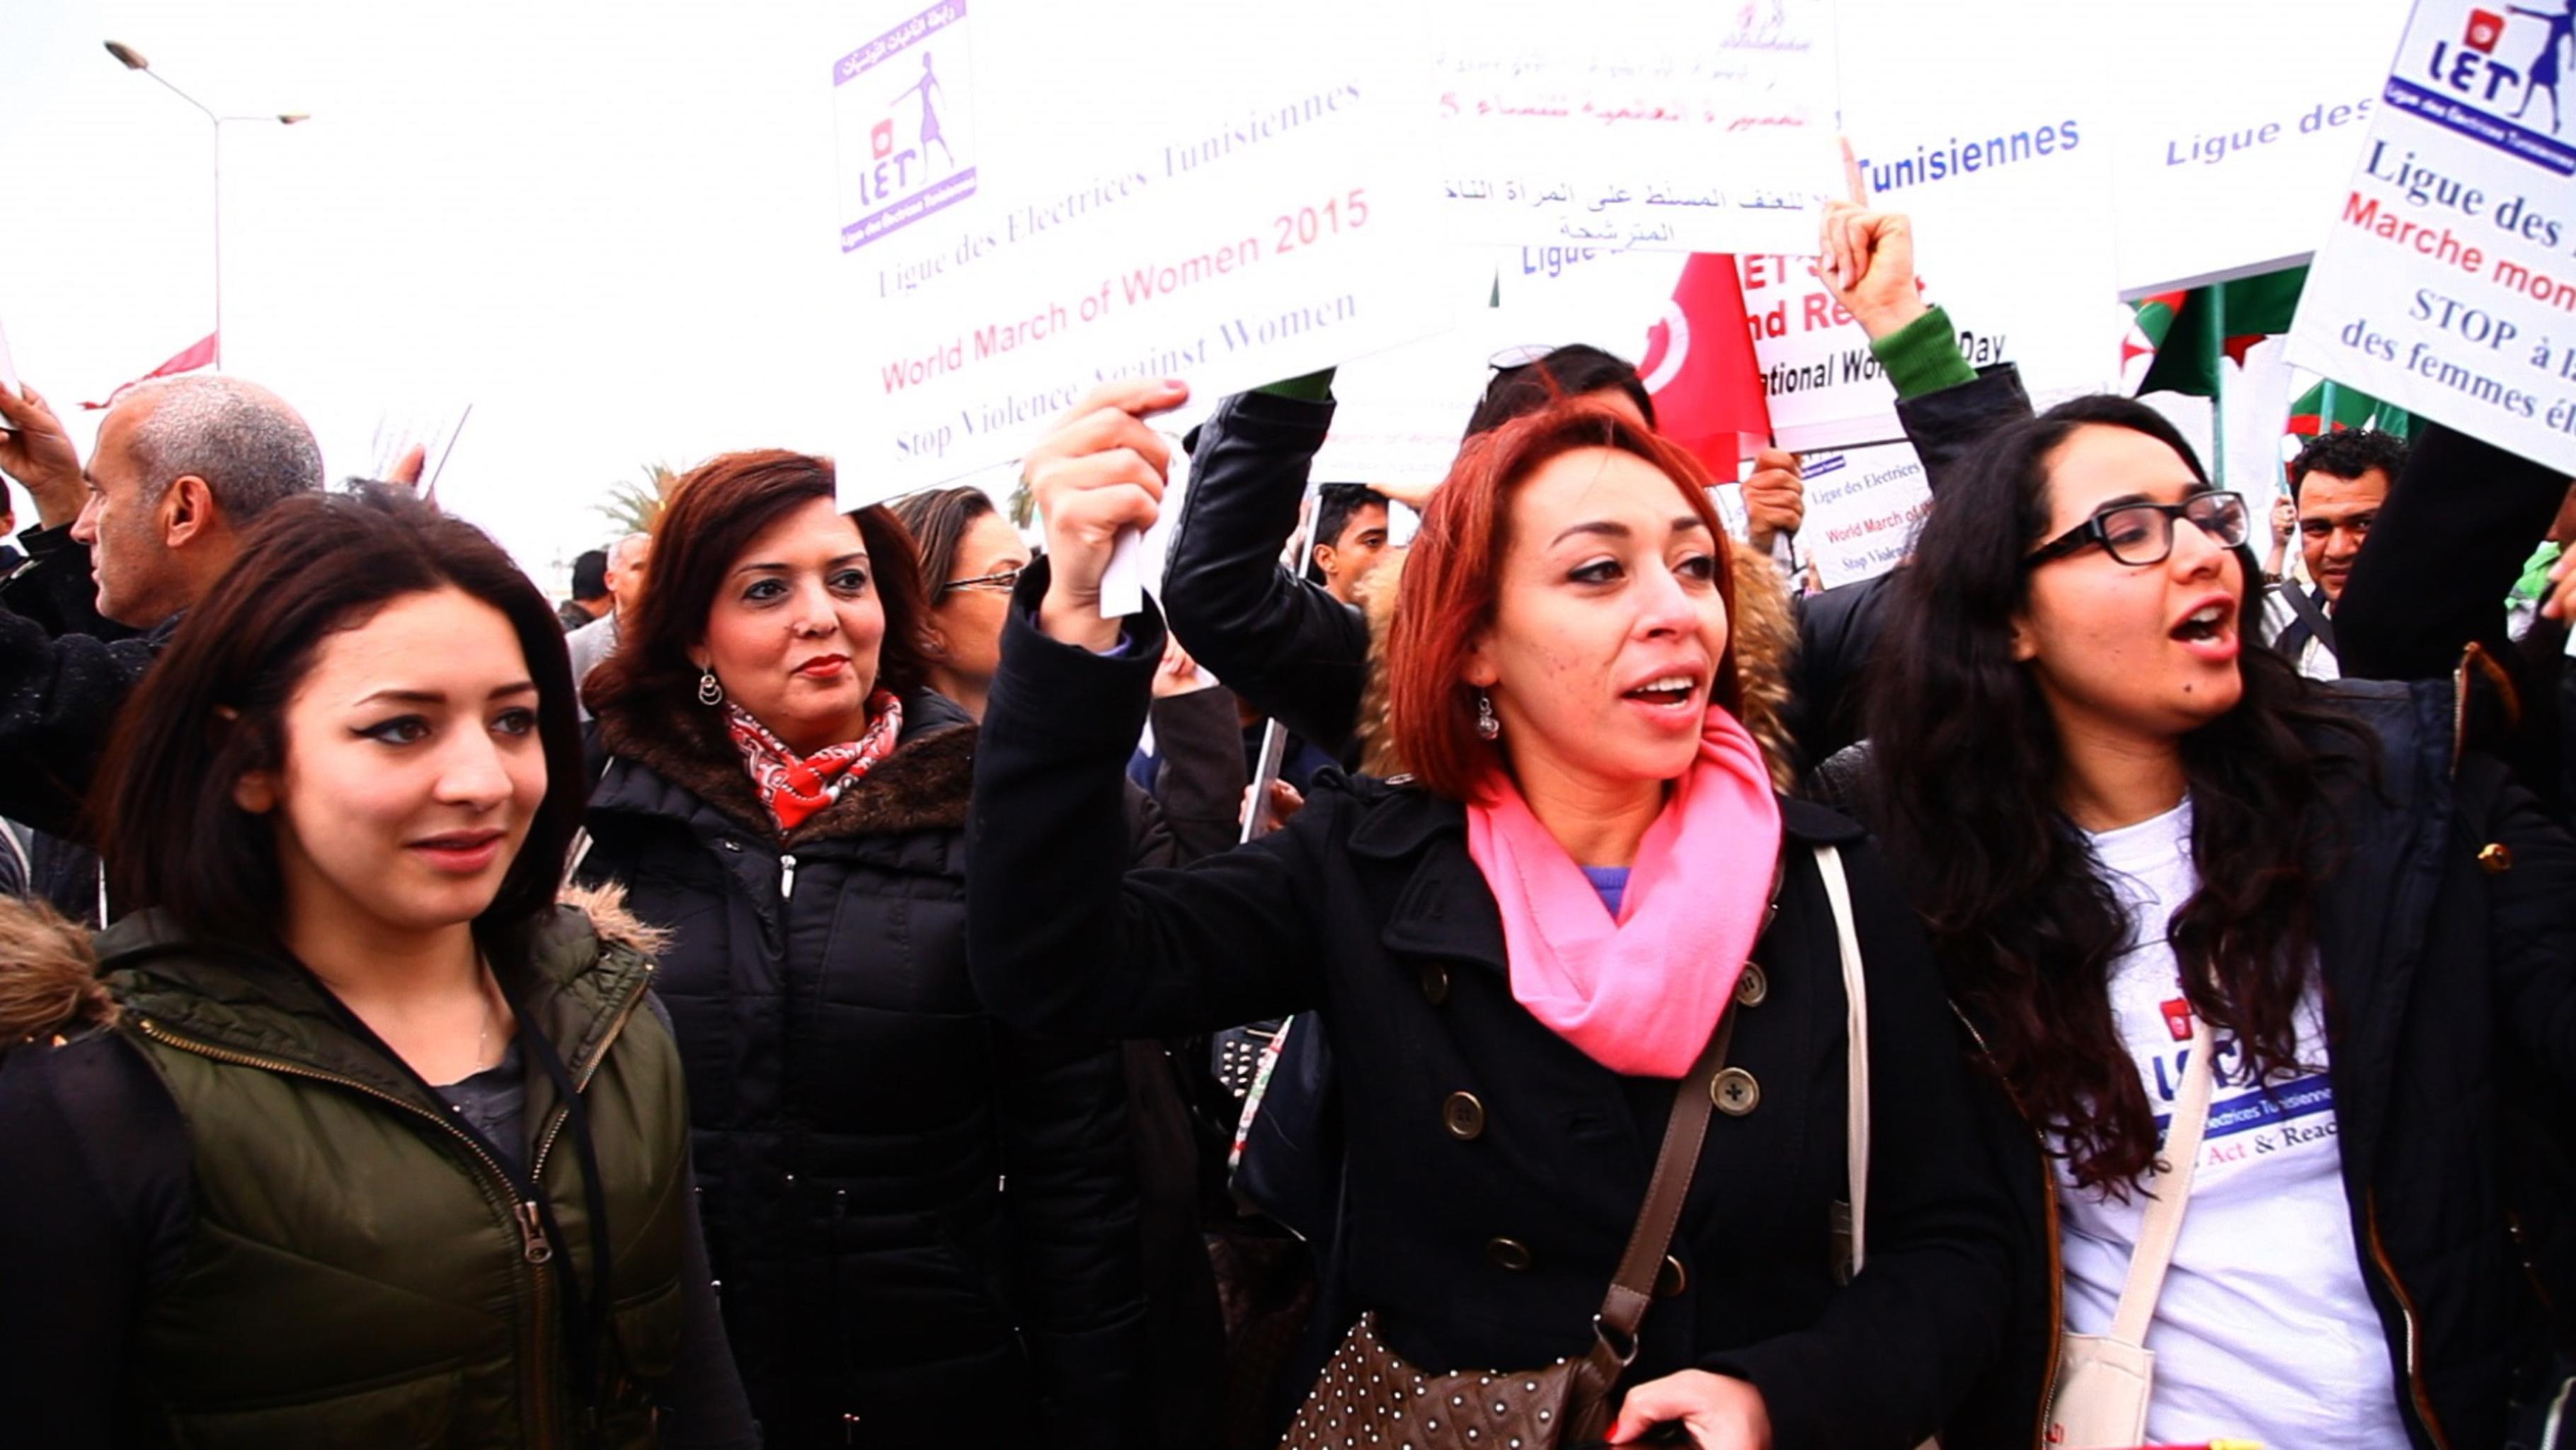 Die Mitglieder der Frauenorganisation LET demonstrieren gegen Benachteiligung und für mehr Teilhabe von Frauen in der Politik. (März 2015)